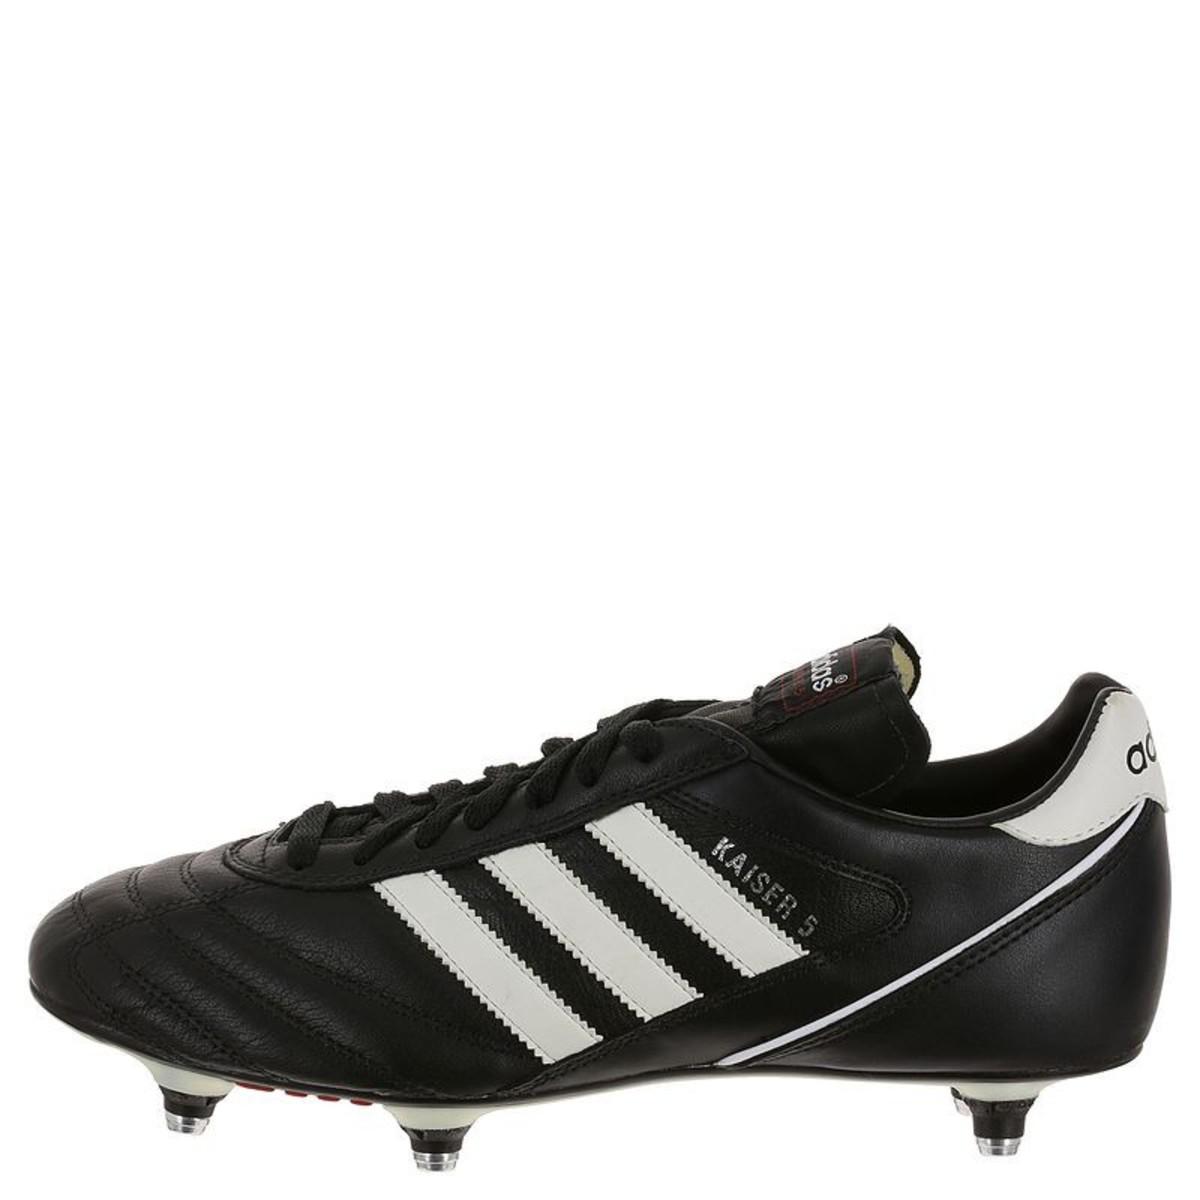 Bild 2 von ADIDAS Fußballschuhe Schraubstollen Kaiser 5 Cup Erwachsene Gr.39-47 schwarz, Größe: 39